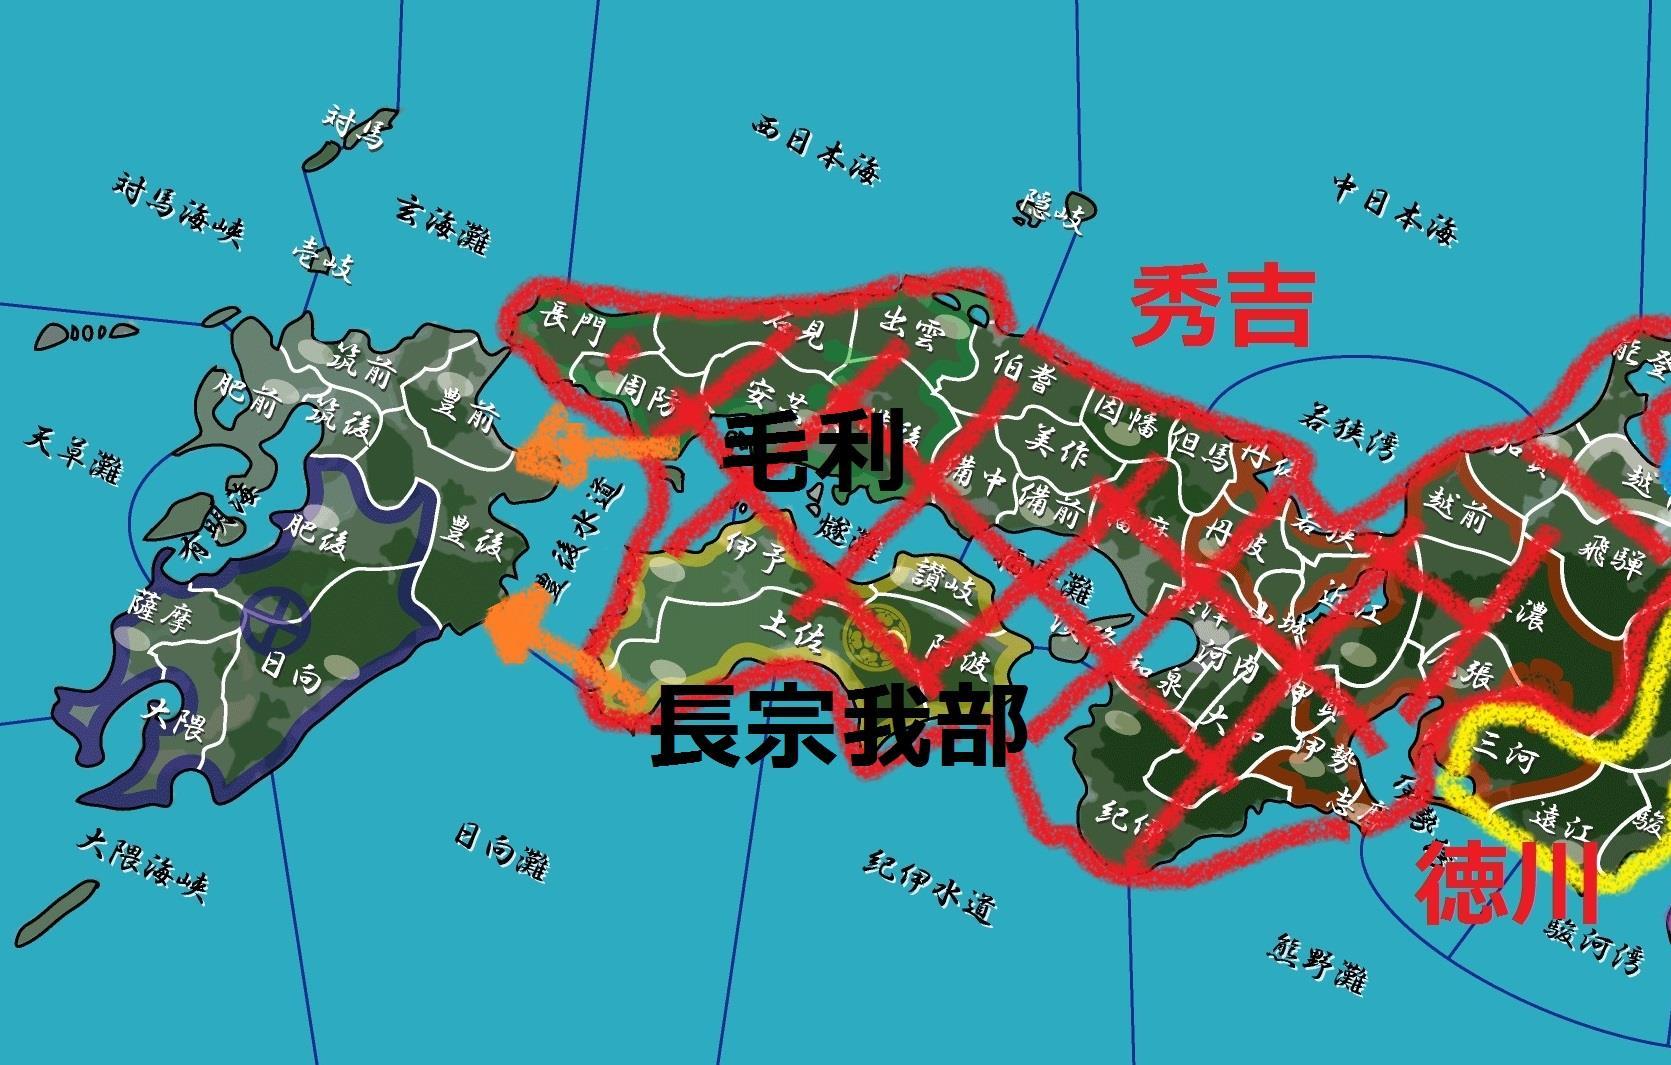 九州平定攻撃の様子・地図